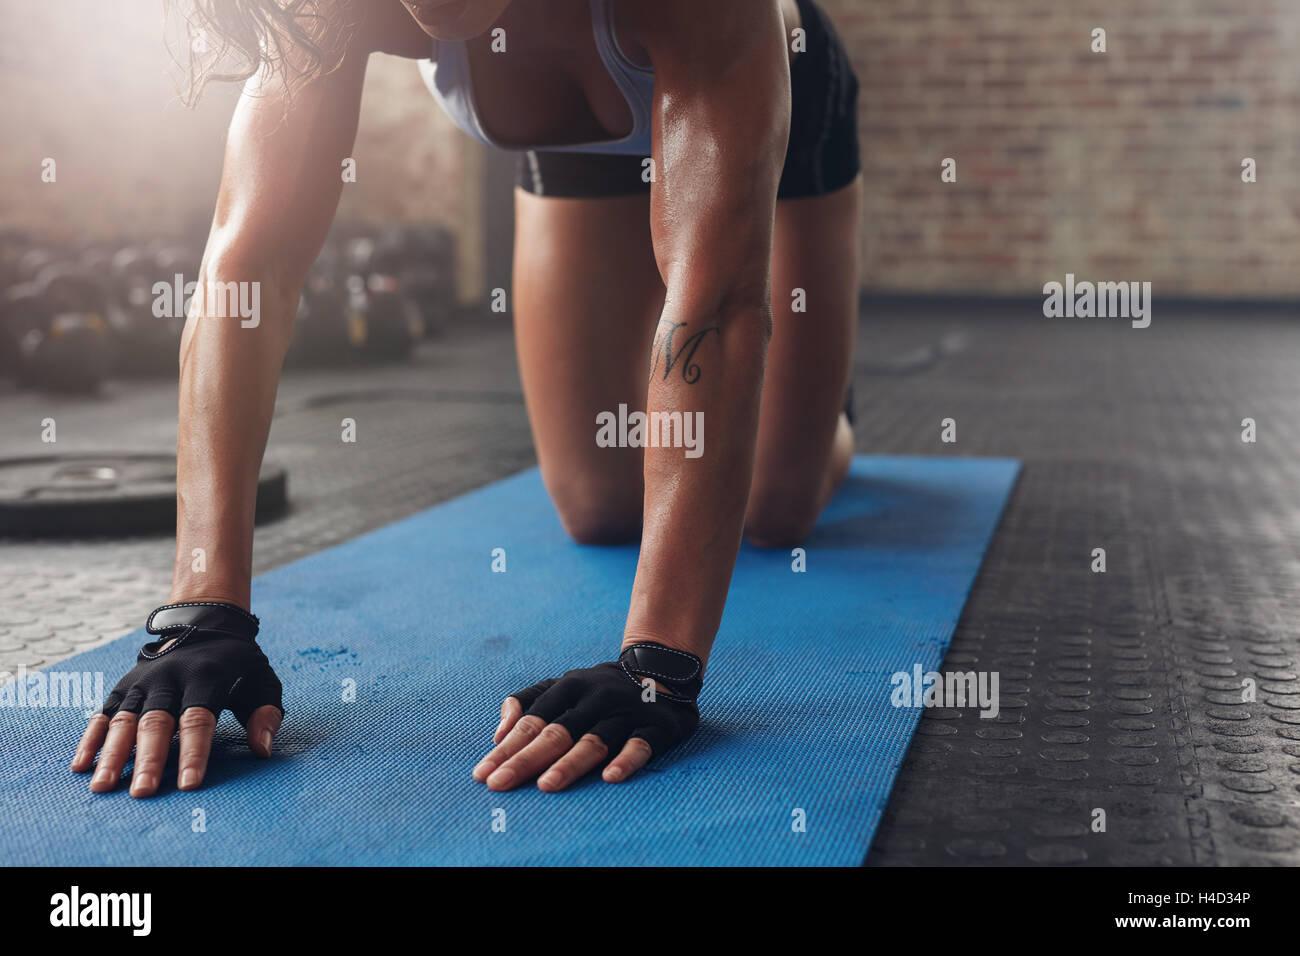 Femmina su esercizio mat facendo stretching allenamento. Focus sulla mano di una donna sul tappetino fitness. Immagini Stock